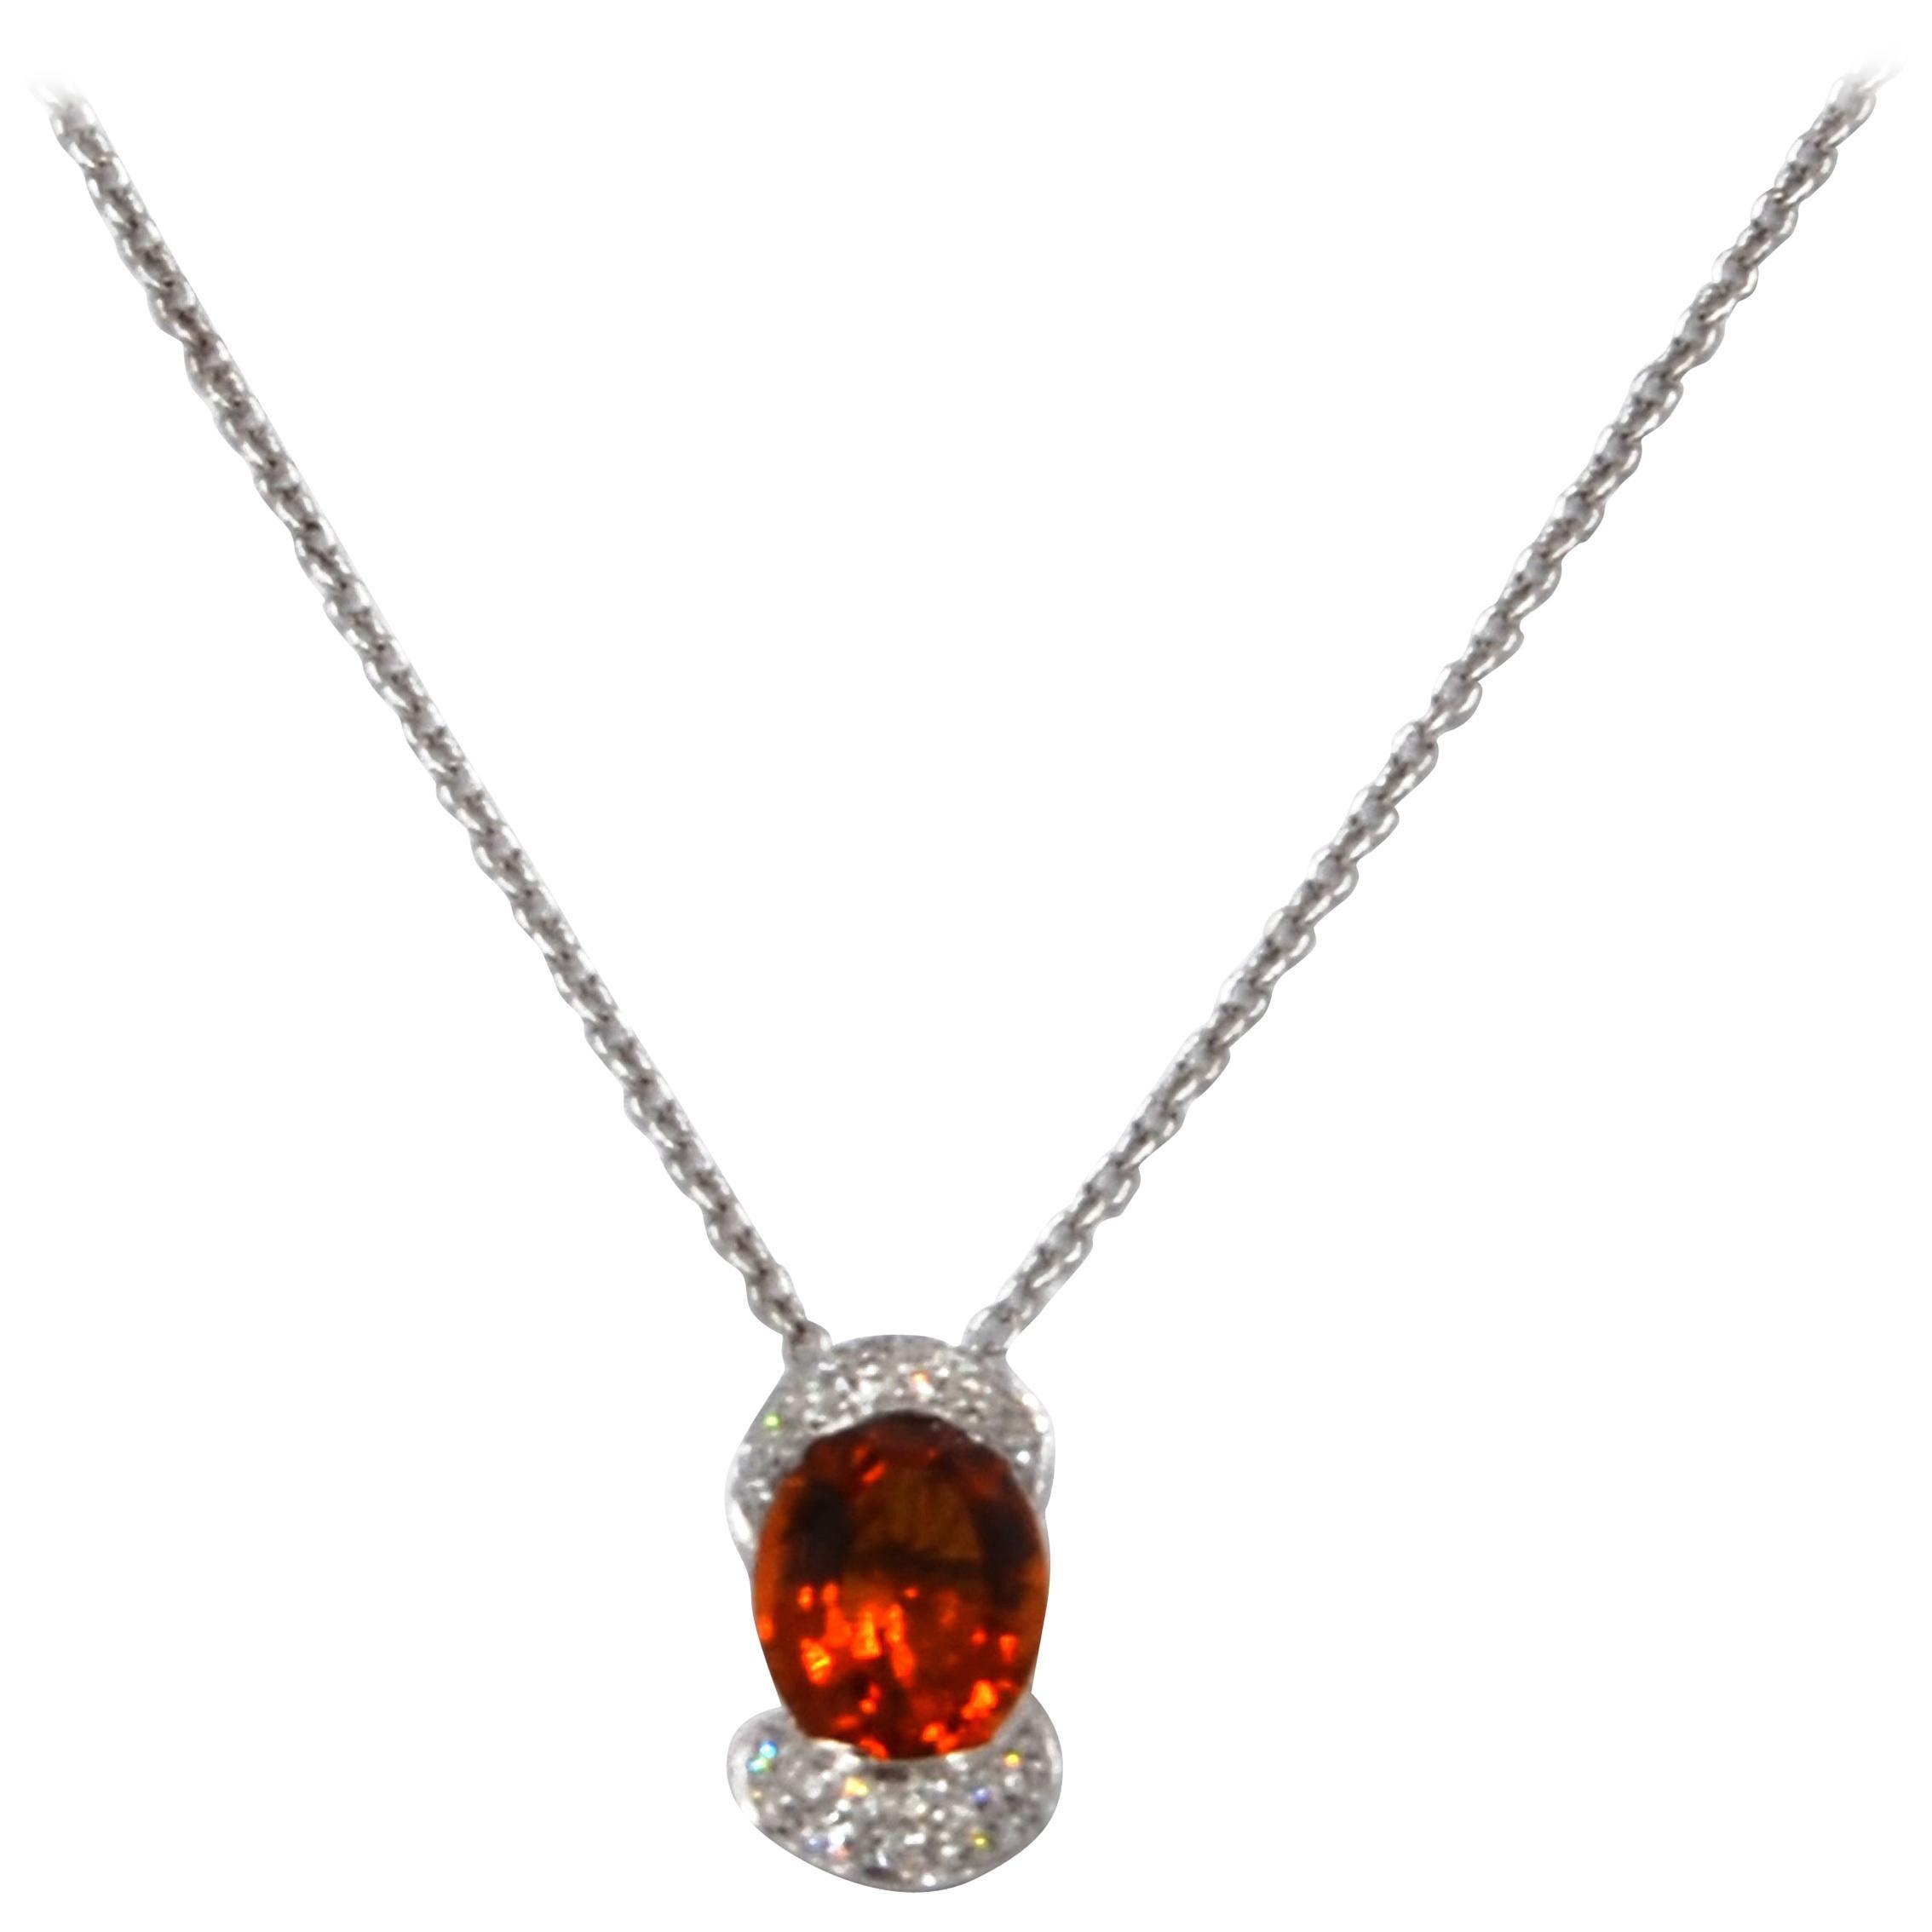 18 Karat White Gold White Diamonds Natural Citrine Garavelli Necklace